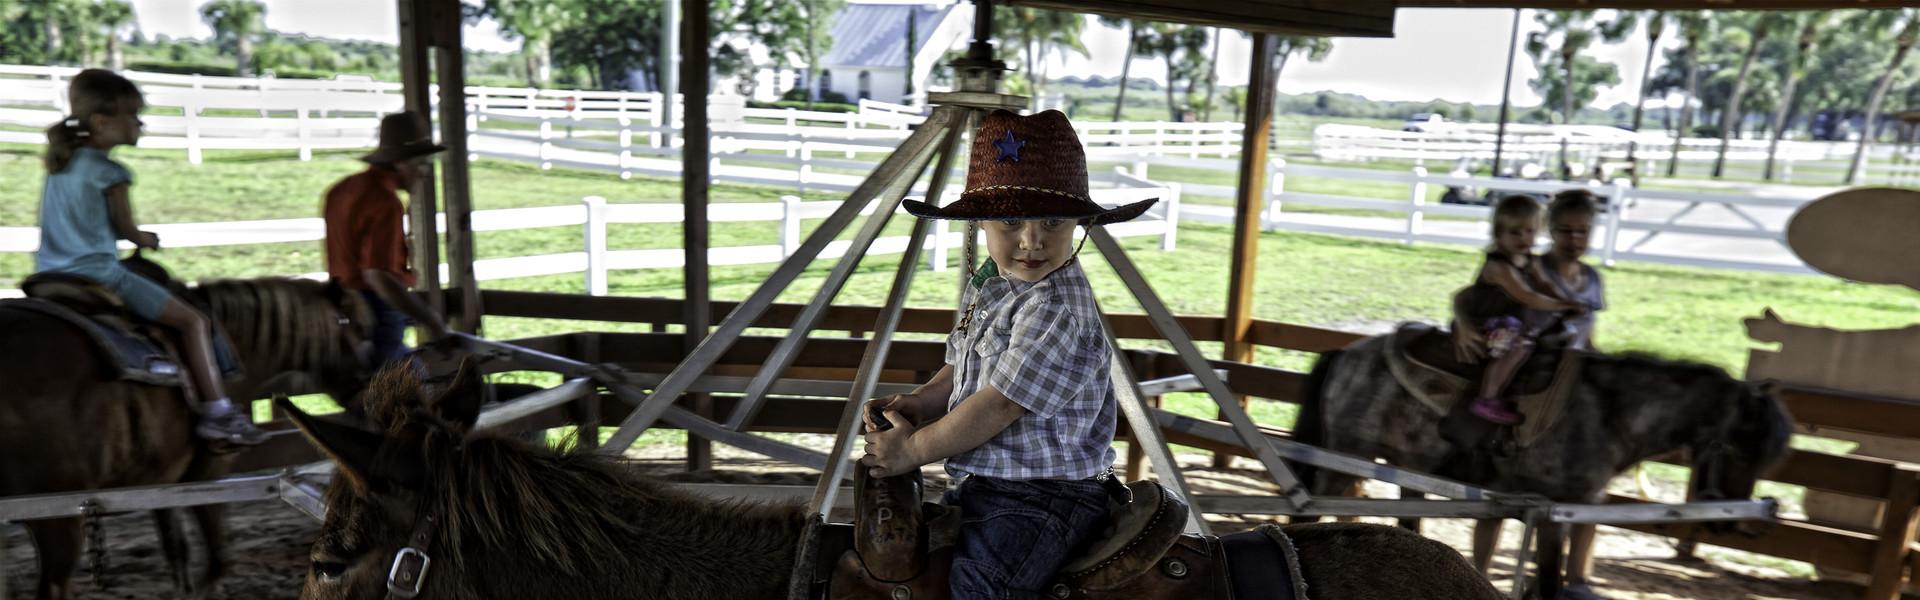 Pony Rides near Orlando, FL | Girl on Pony